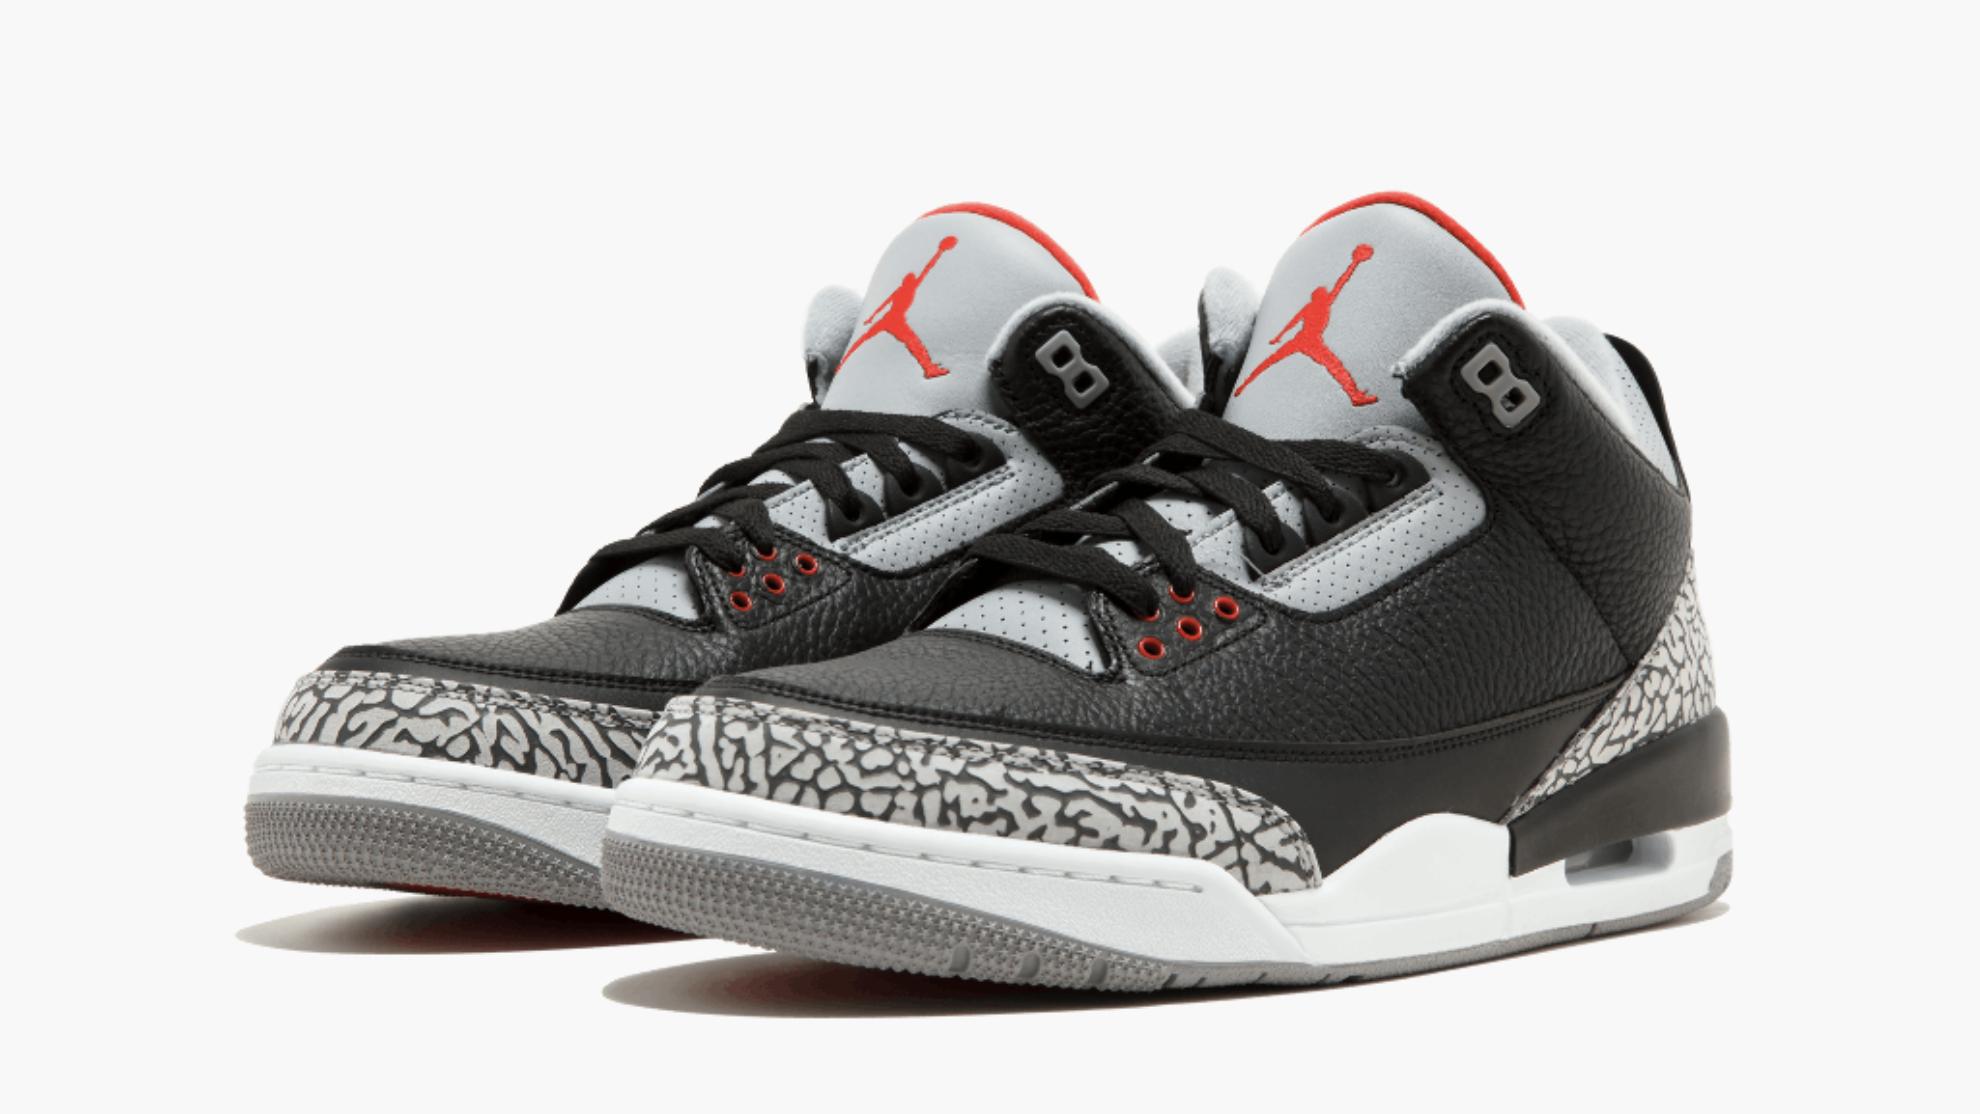 cde02d388f0 Black Cement Air Jordan 3 Nike Air 2018 854262-001 | Sole Collector